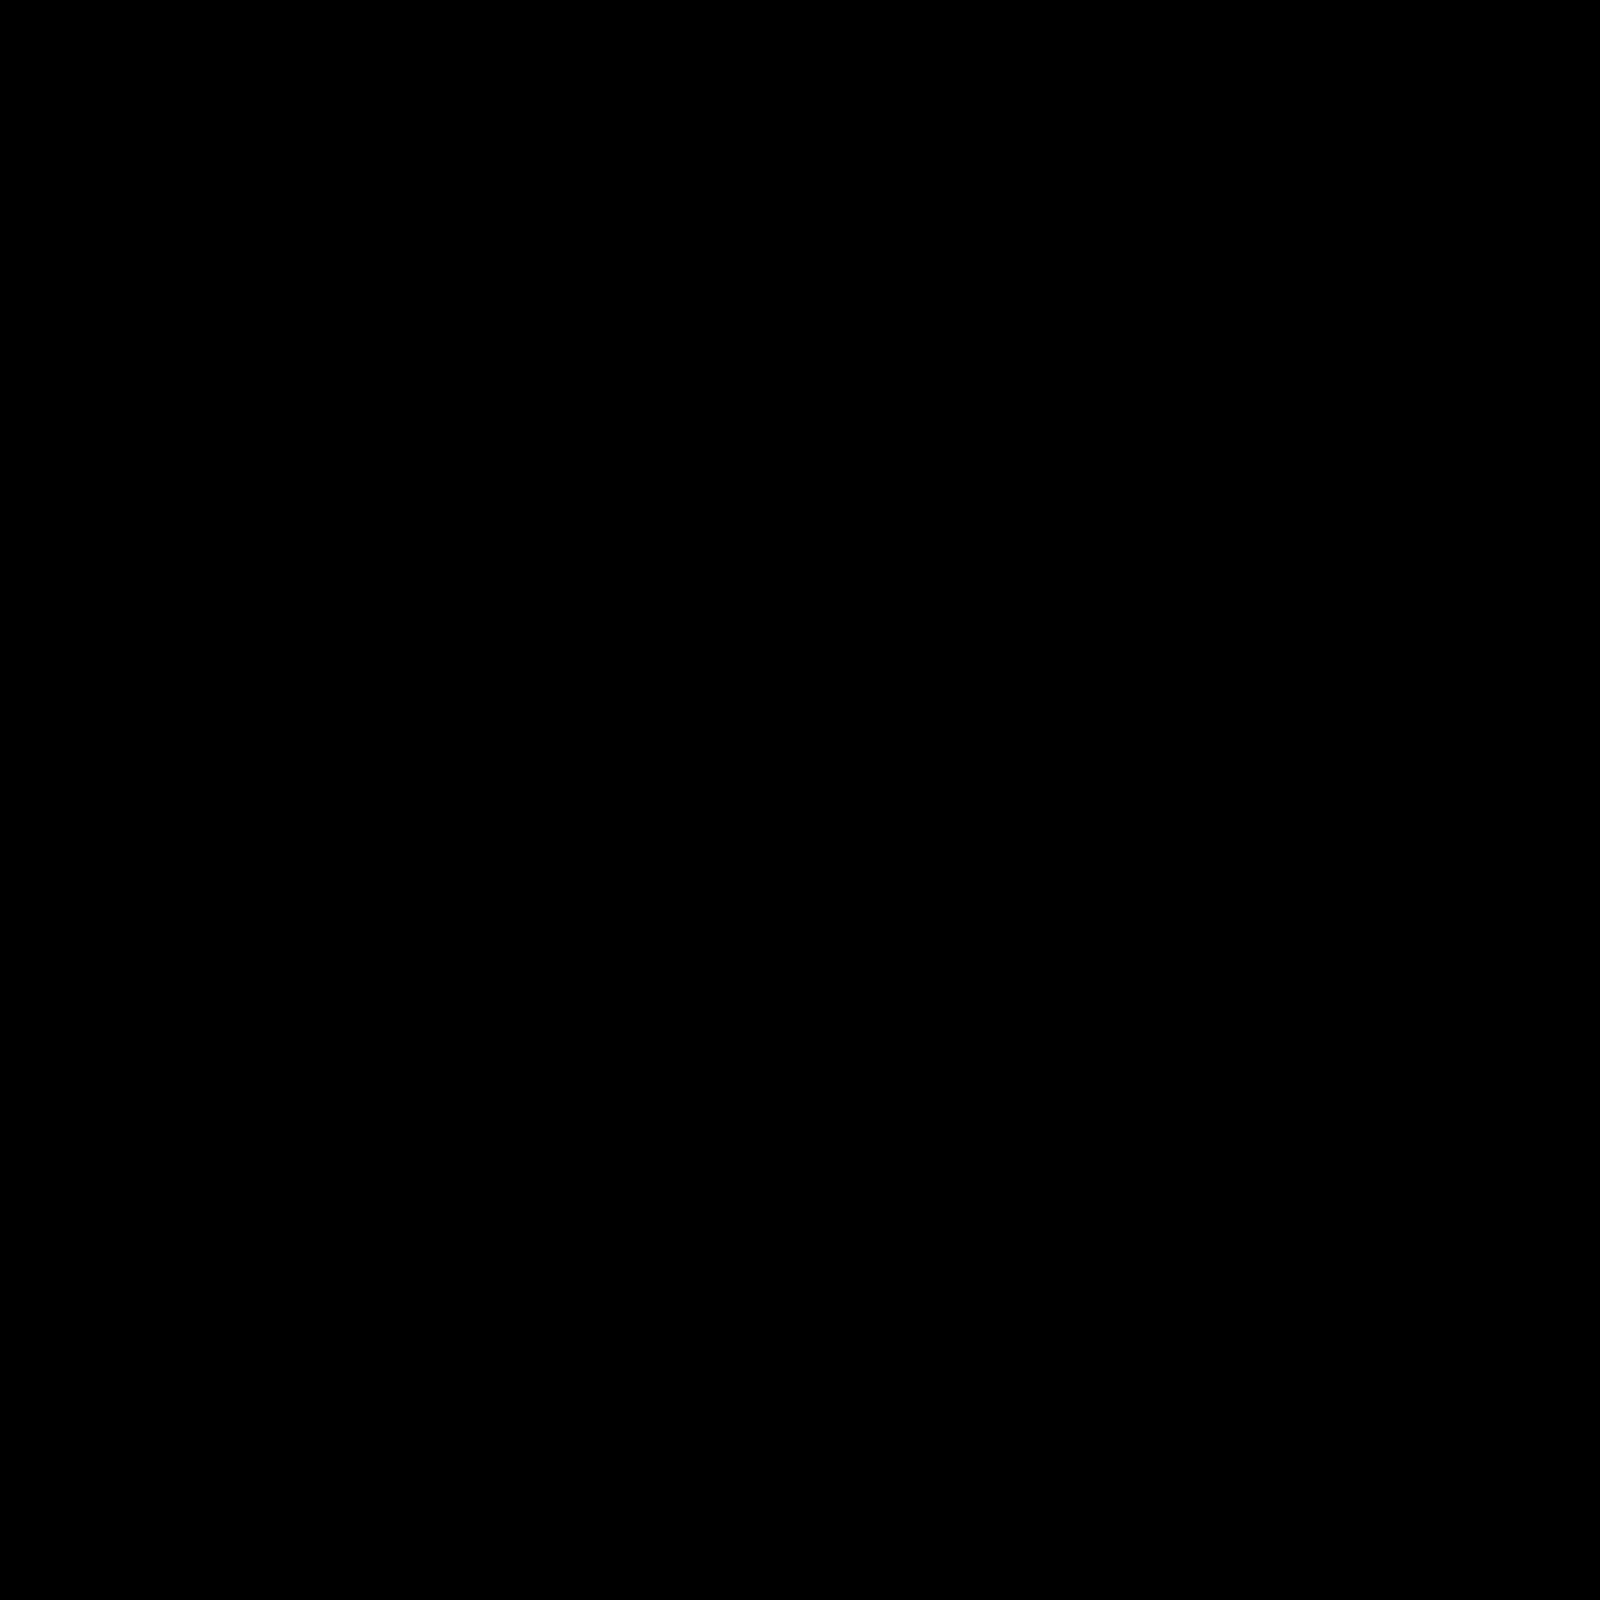 プロセッサ icon. It is a large square with rounded corners. There are two dots on the square, one each in the top-left and bottom-right corners, almost like a 2 on a standard die. On the outside of each of the 4 edges of the square are 4 lines perpendicular to the edge, separated from the edge by a very small space.